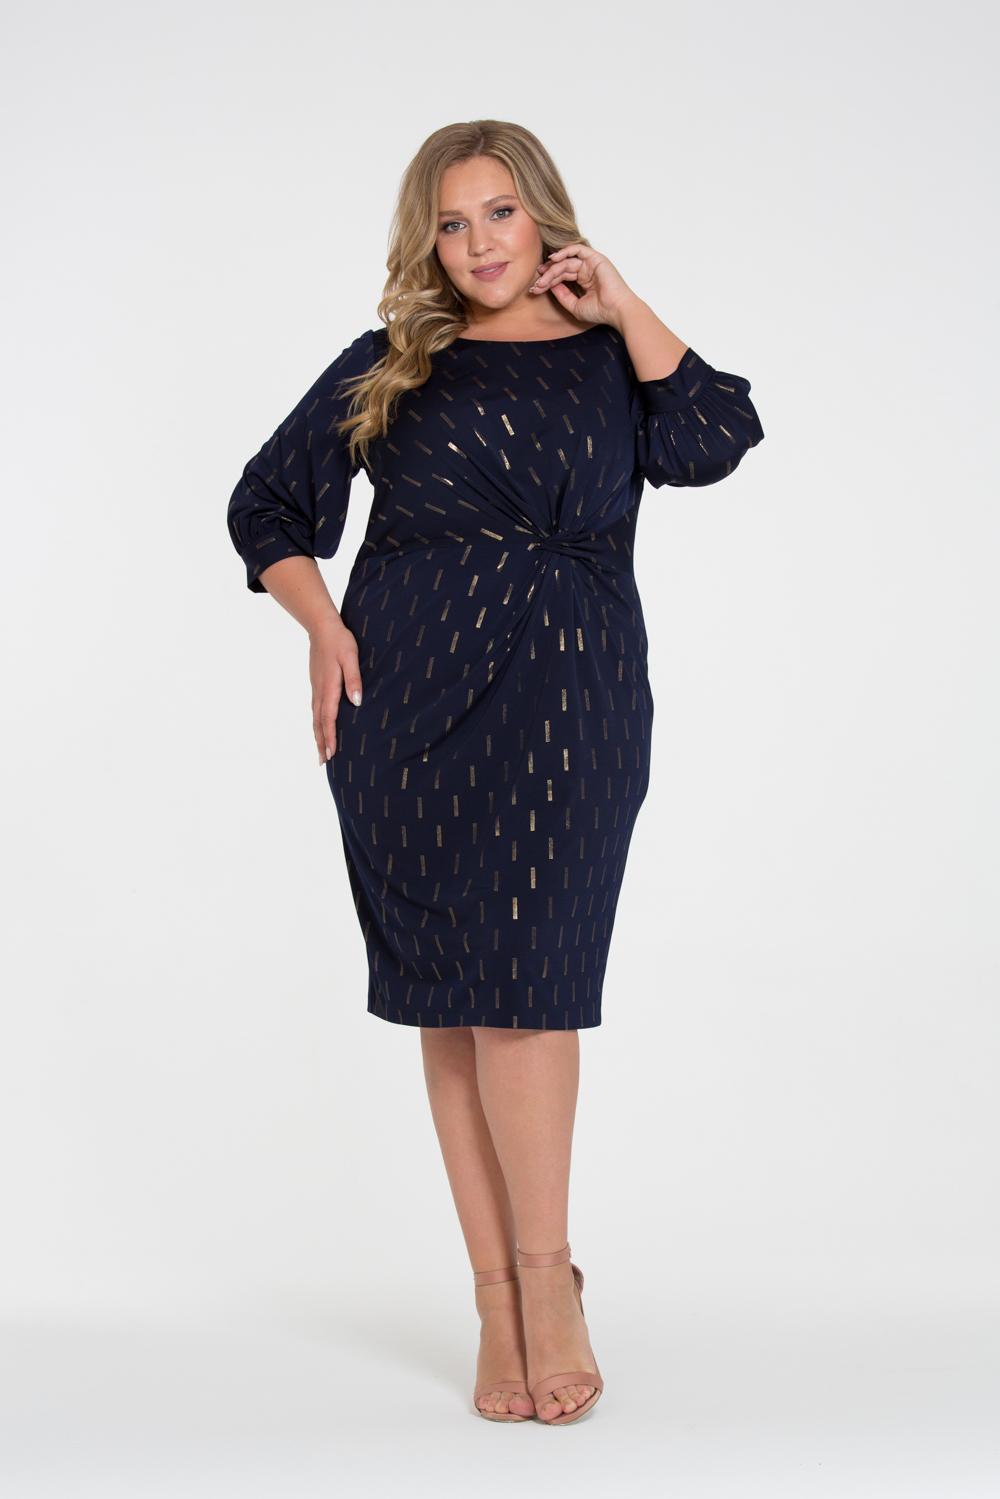 Платья Платье Дива с драпировкой 418058 L 3af4e8ffeeec48ba4c6765886ad46d12.jpg